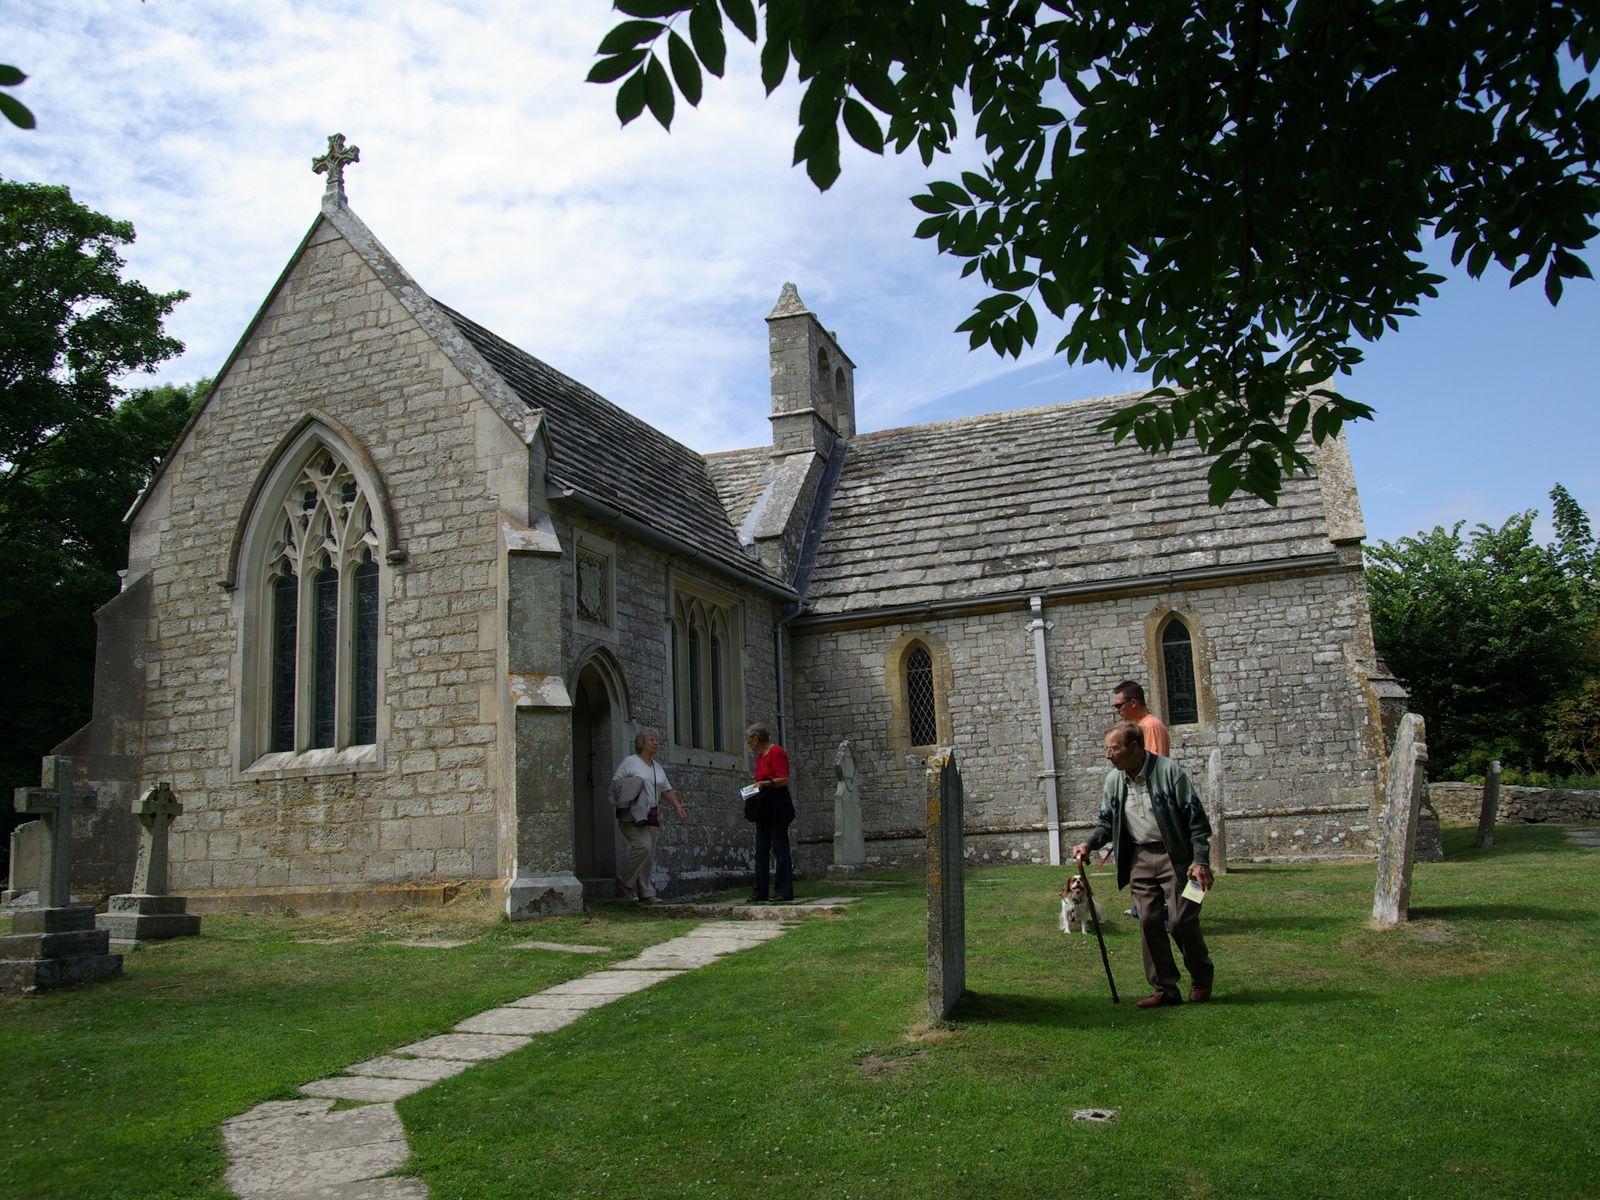 Igreja e cemitério de Tylenham, com visitas de turistas.